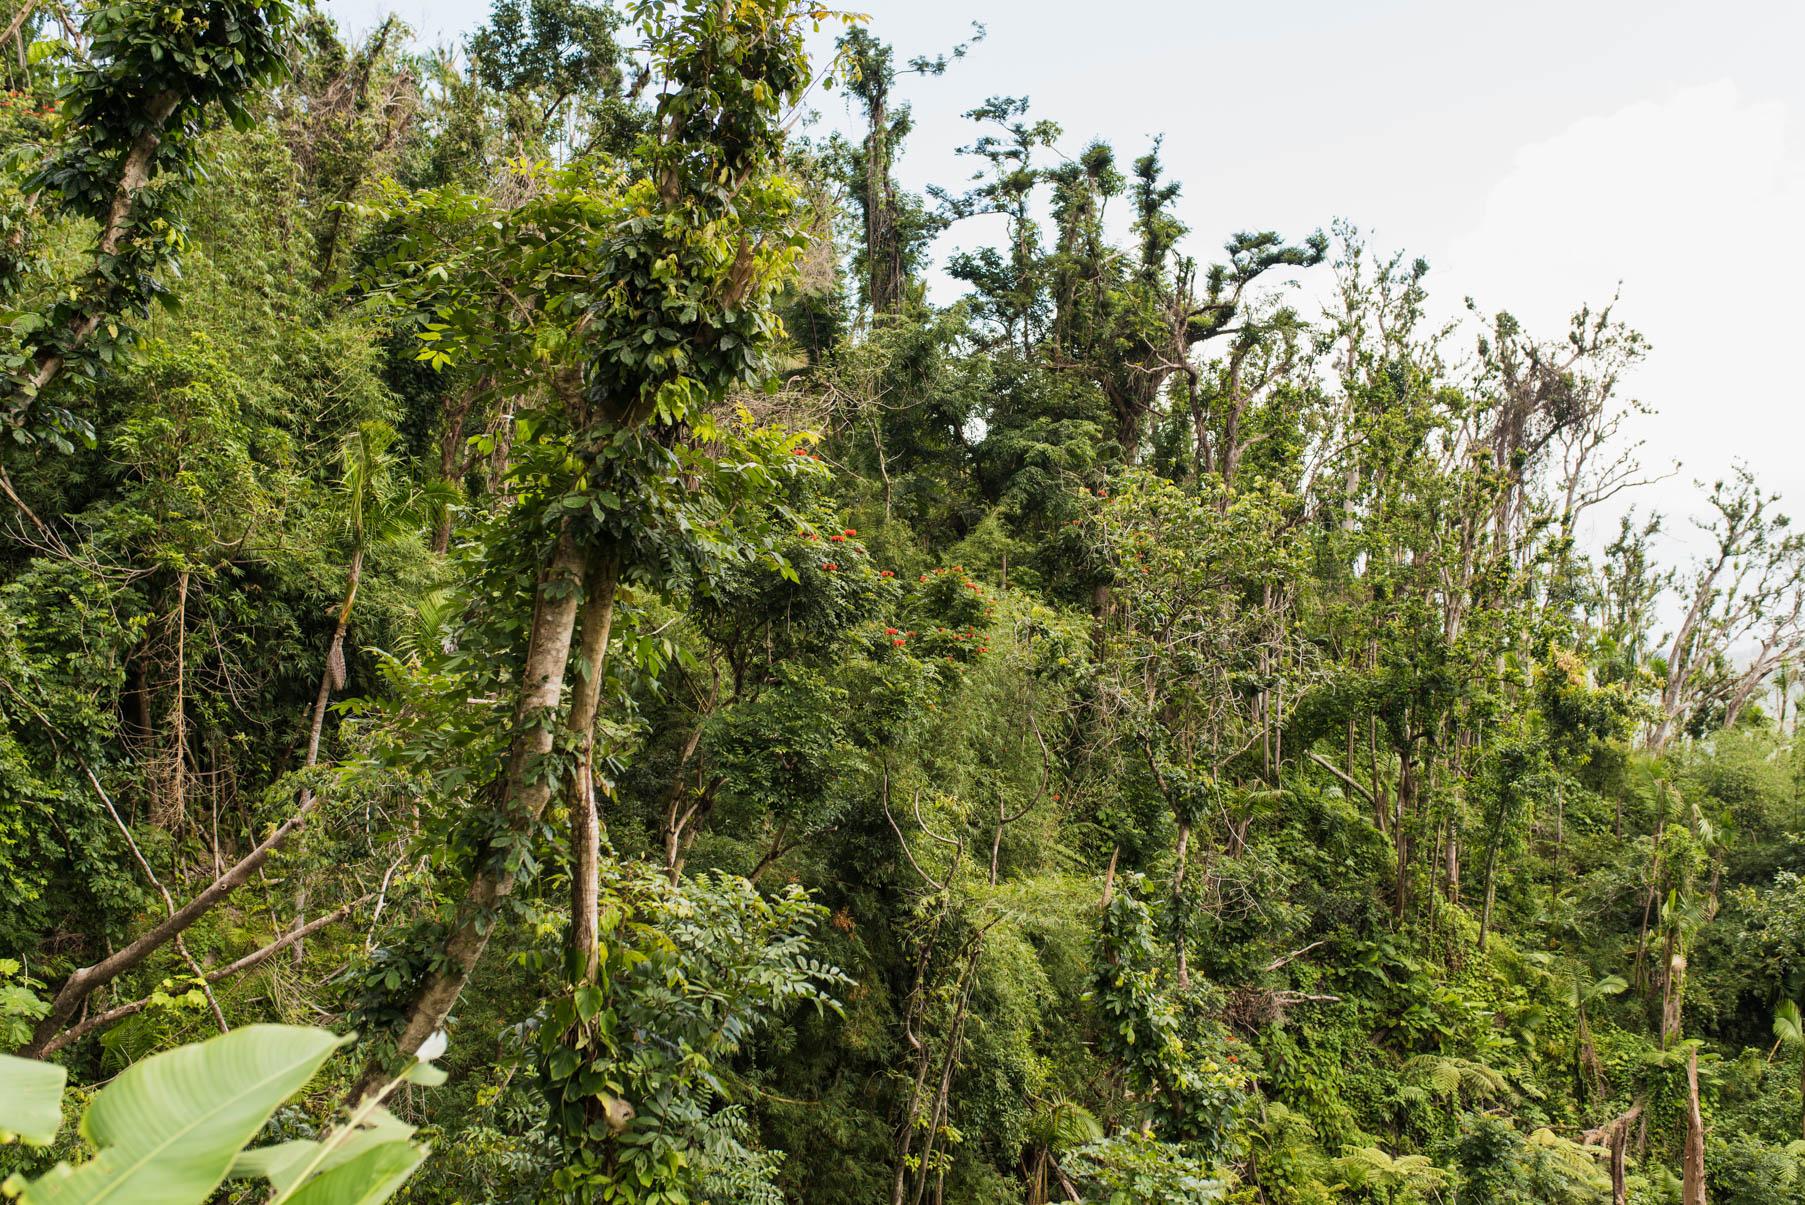 lush foliage in el yunque rainforest